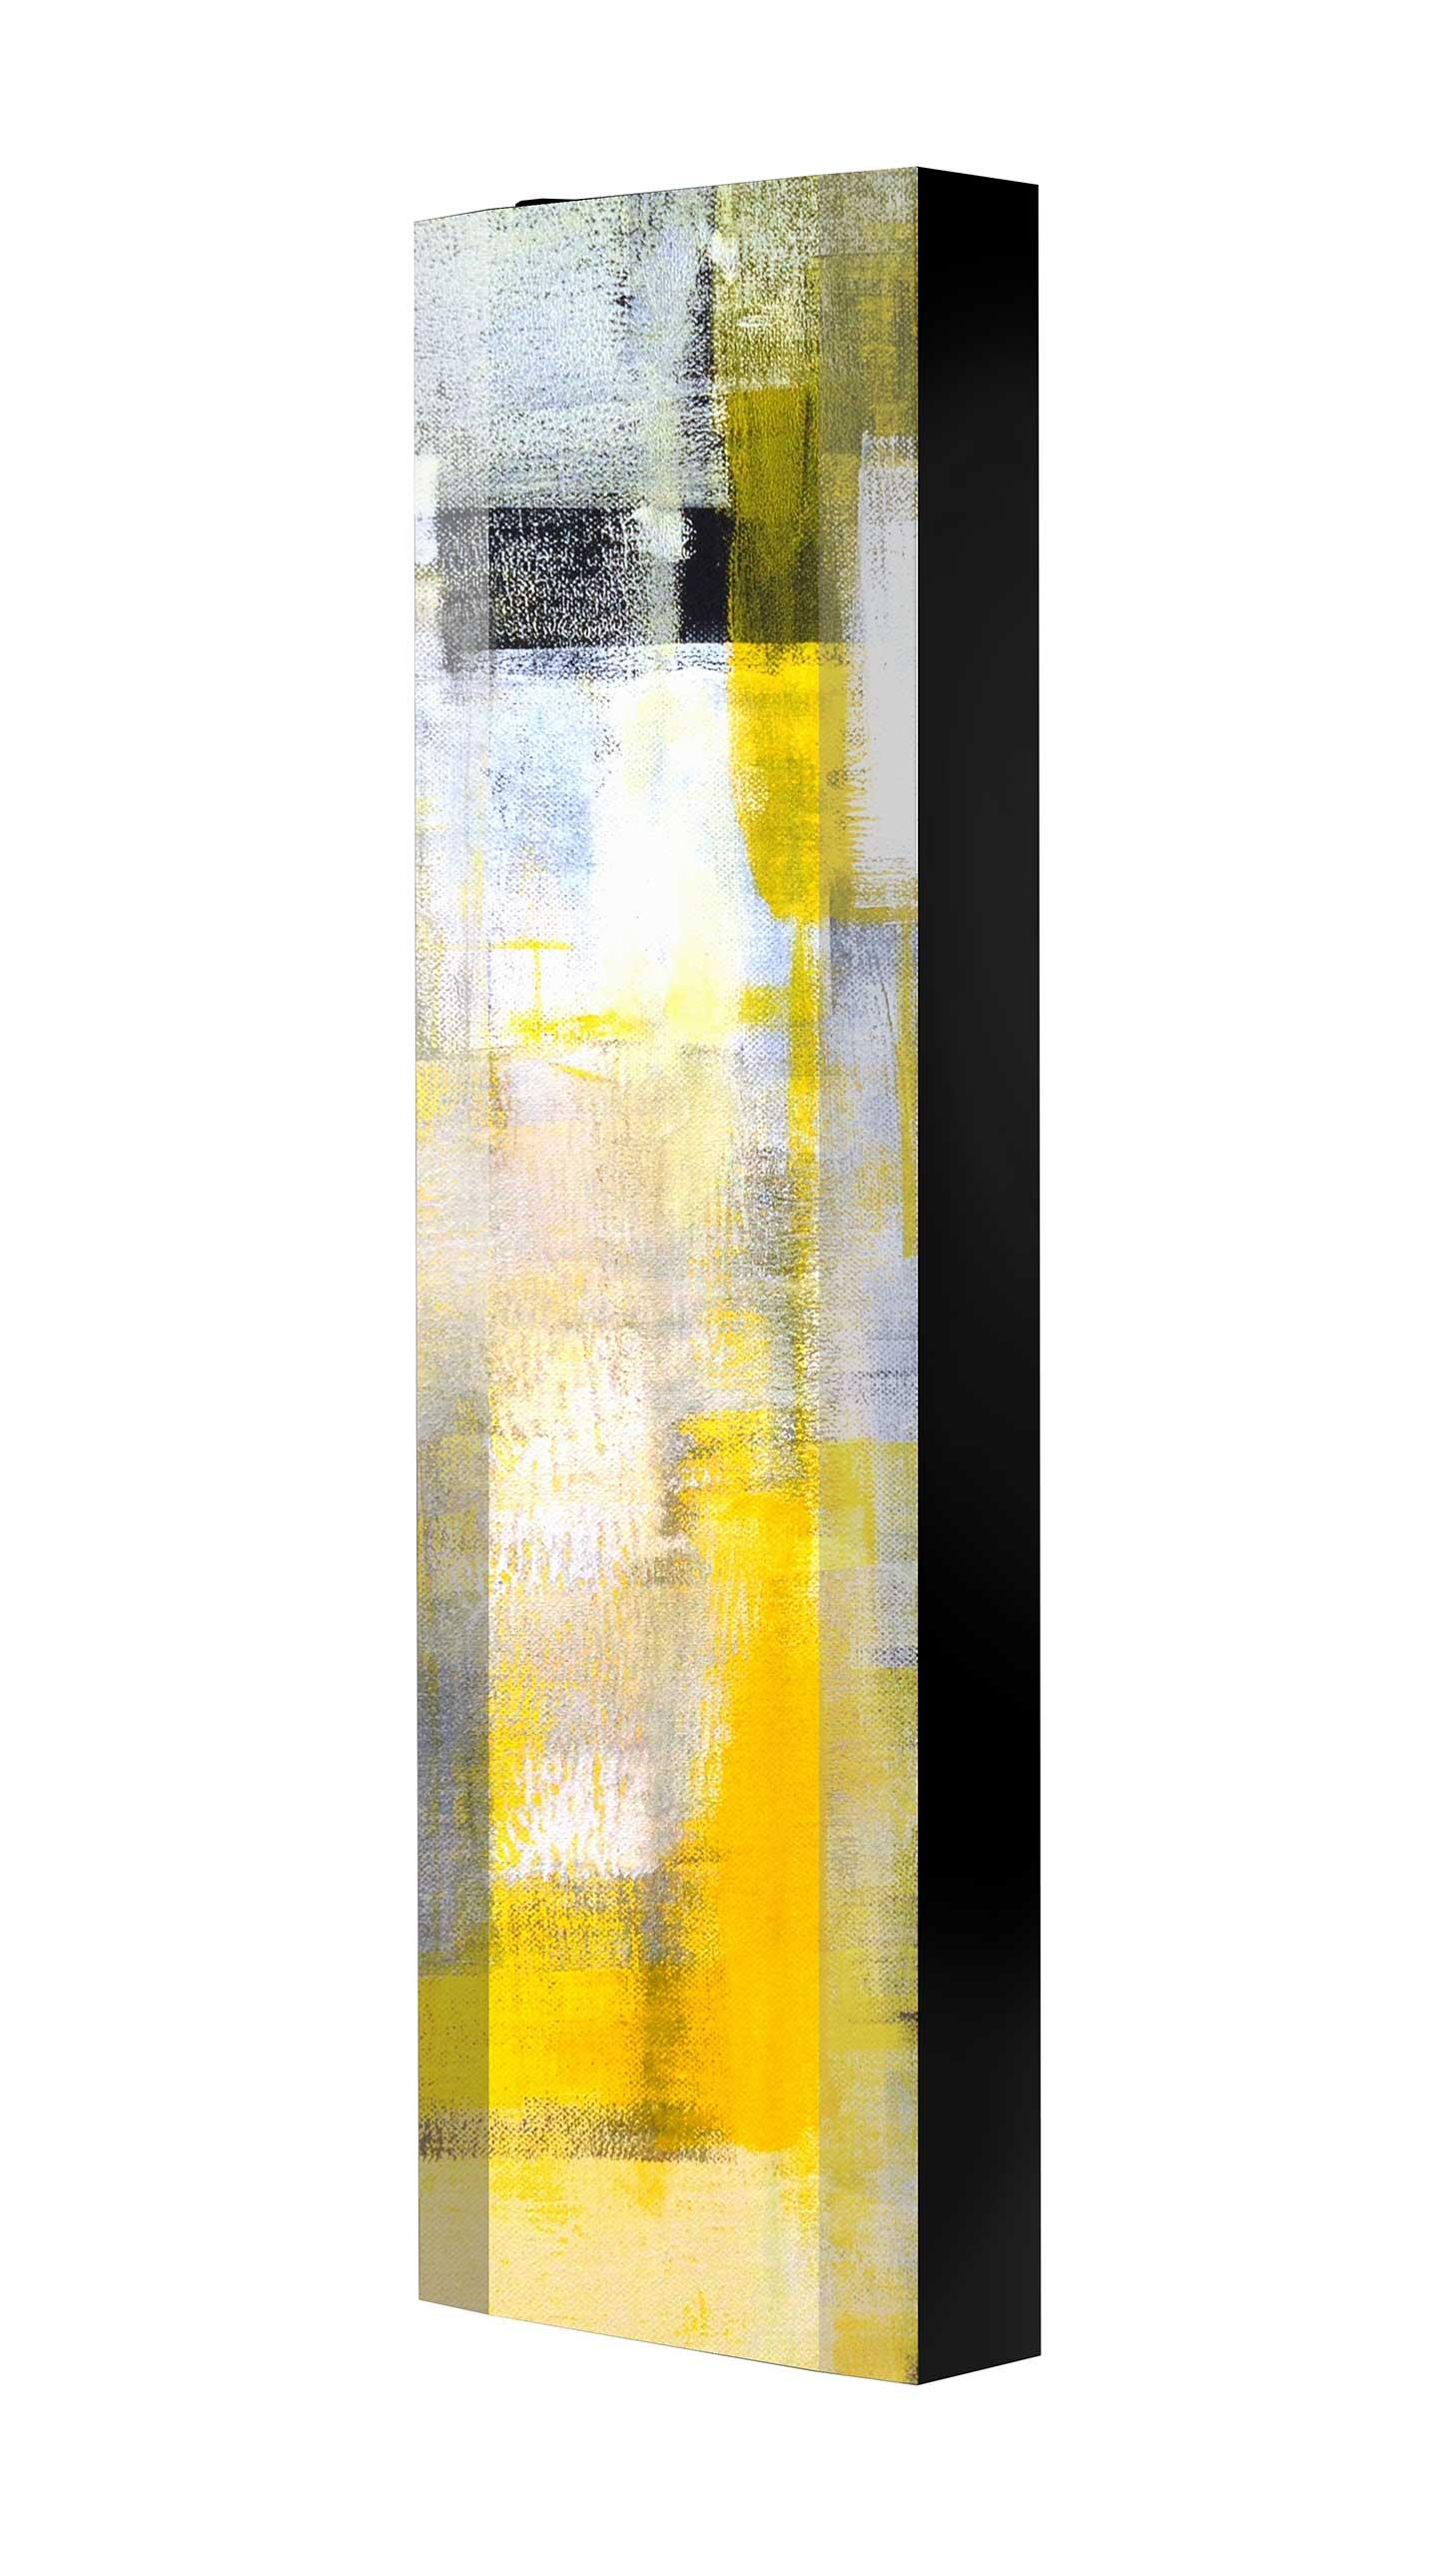 Schuhschrank FLASH 450 BLACK-EDITION Motivschrank schwarz drehbar M22 Abstrakt Kunst